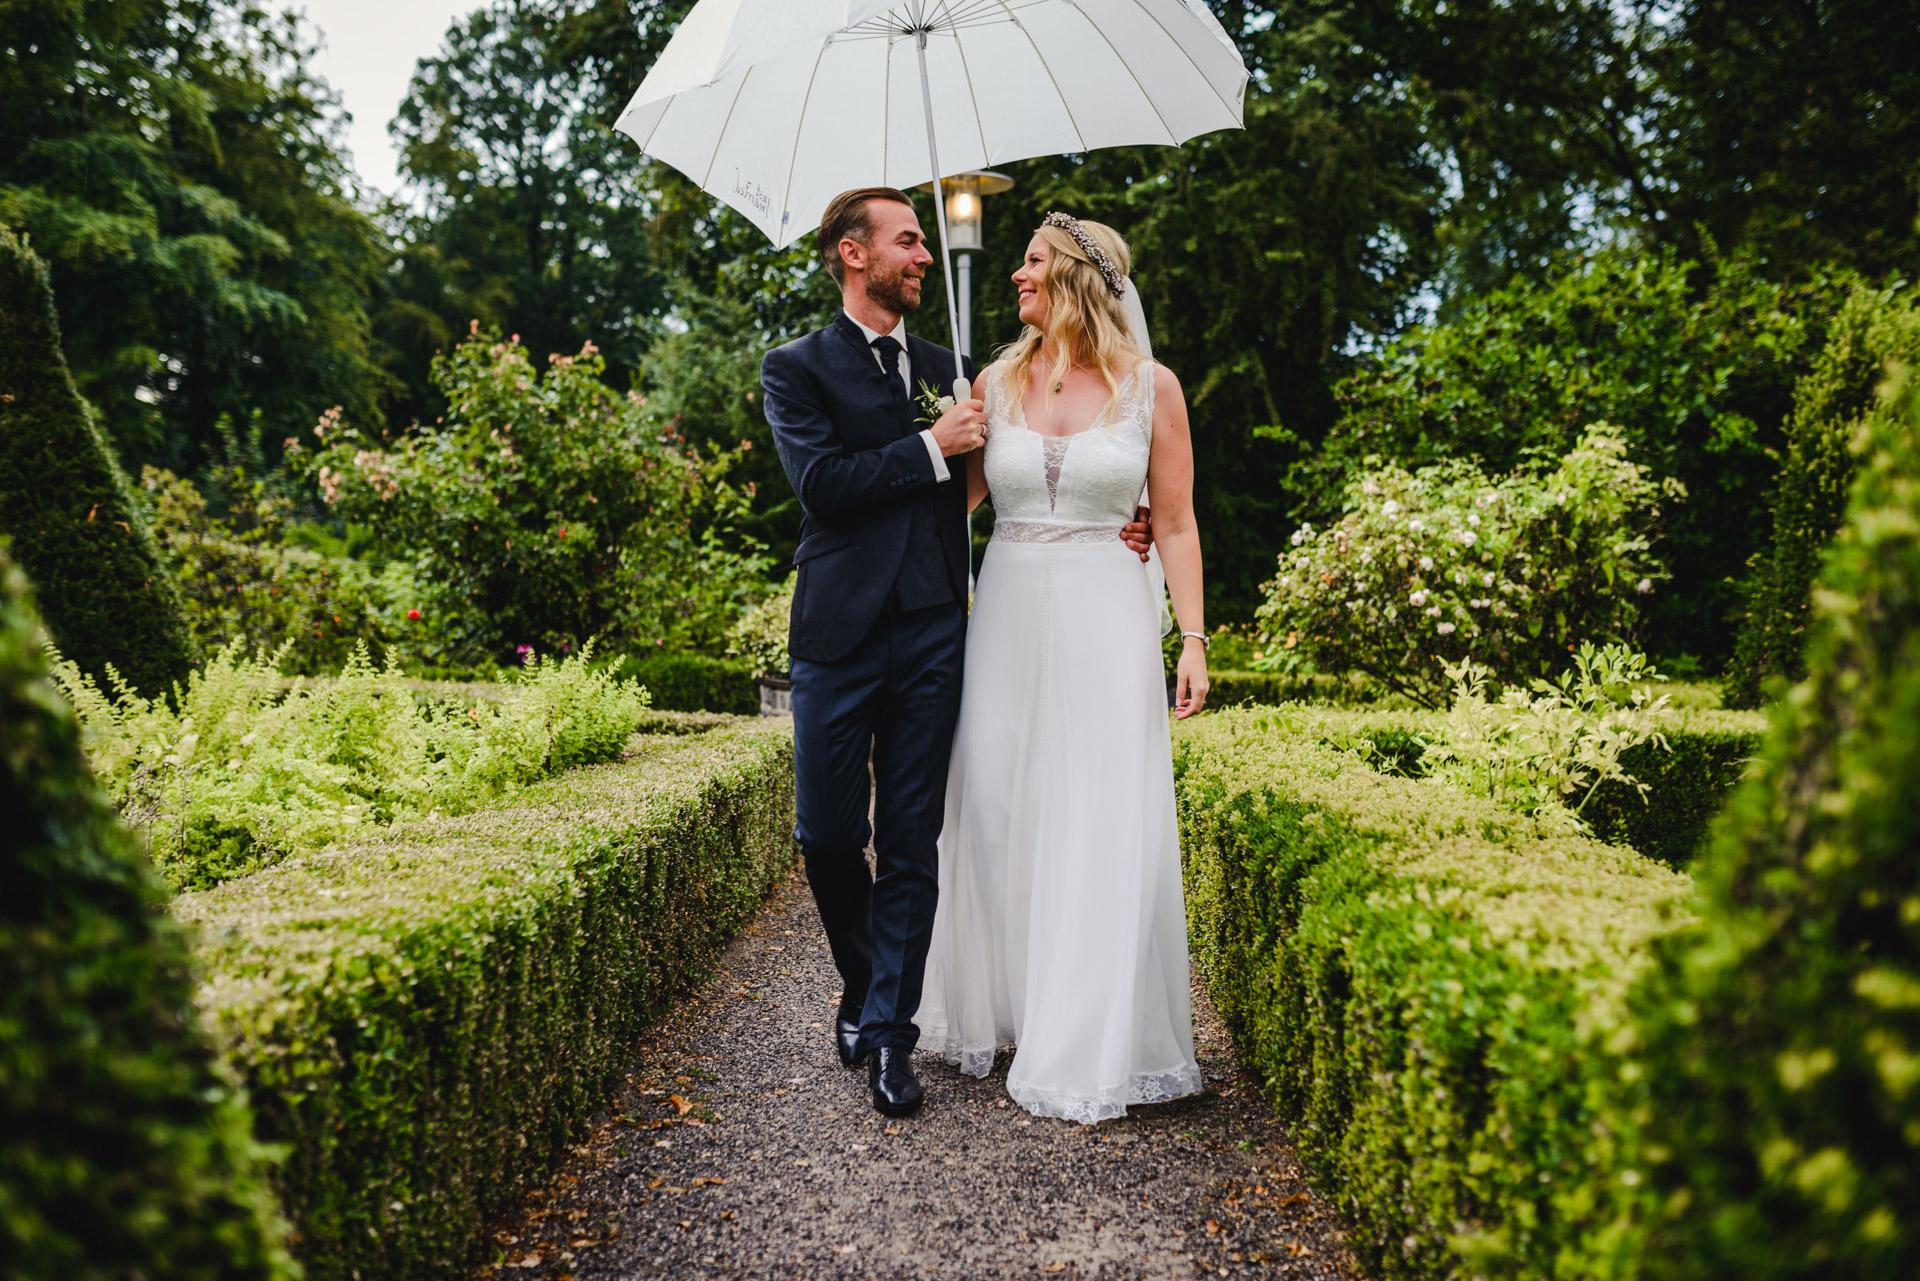 Kristina & Jörn Hochzeit im Park GG